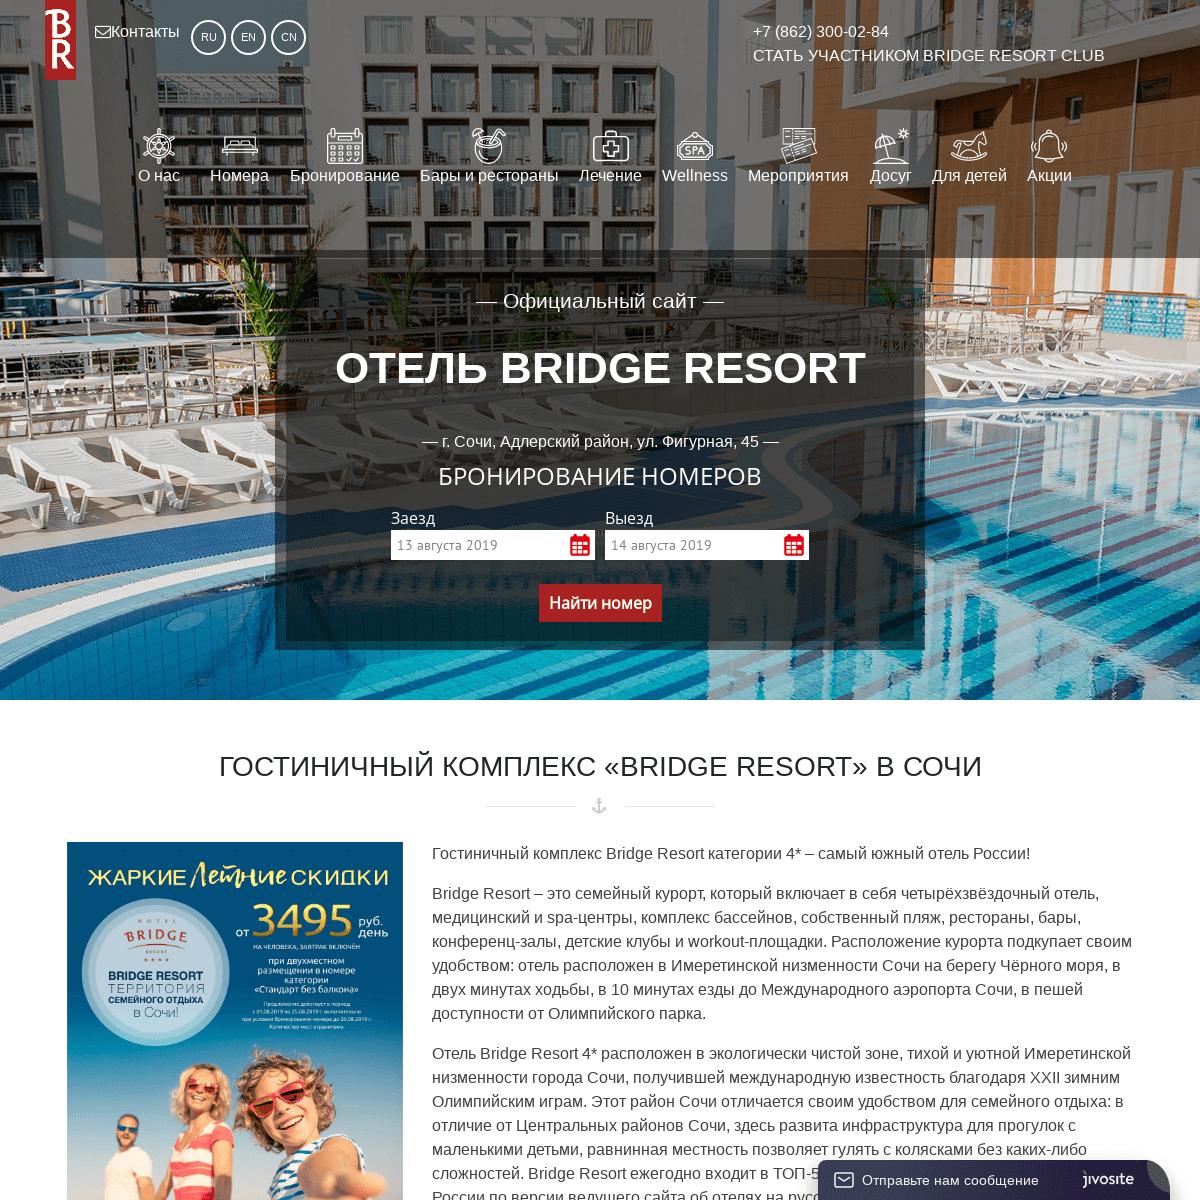 ArchiveBay.com - brsochi.ru - Отель Бридж Резорт 4- Сочи — Официальный сайт Bridge Resort